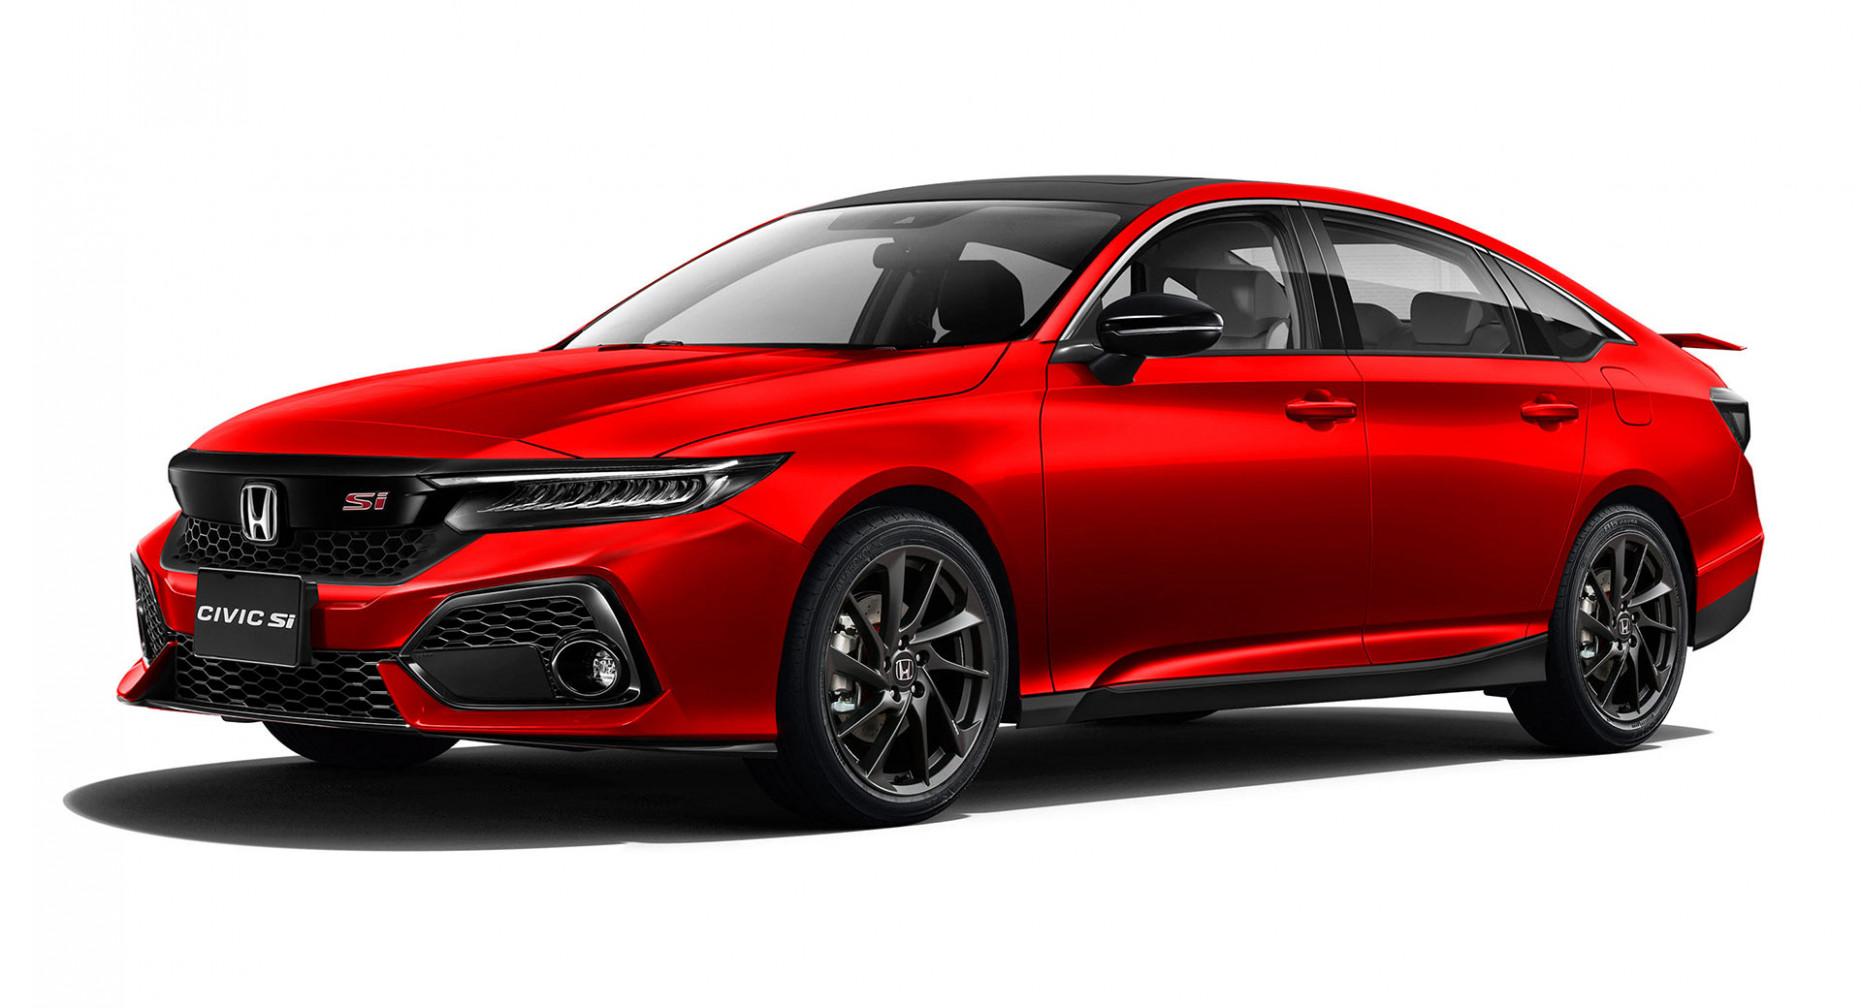 Performance 2022 Honda Civic Si